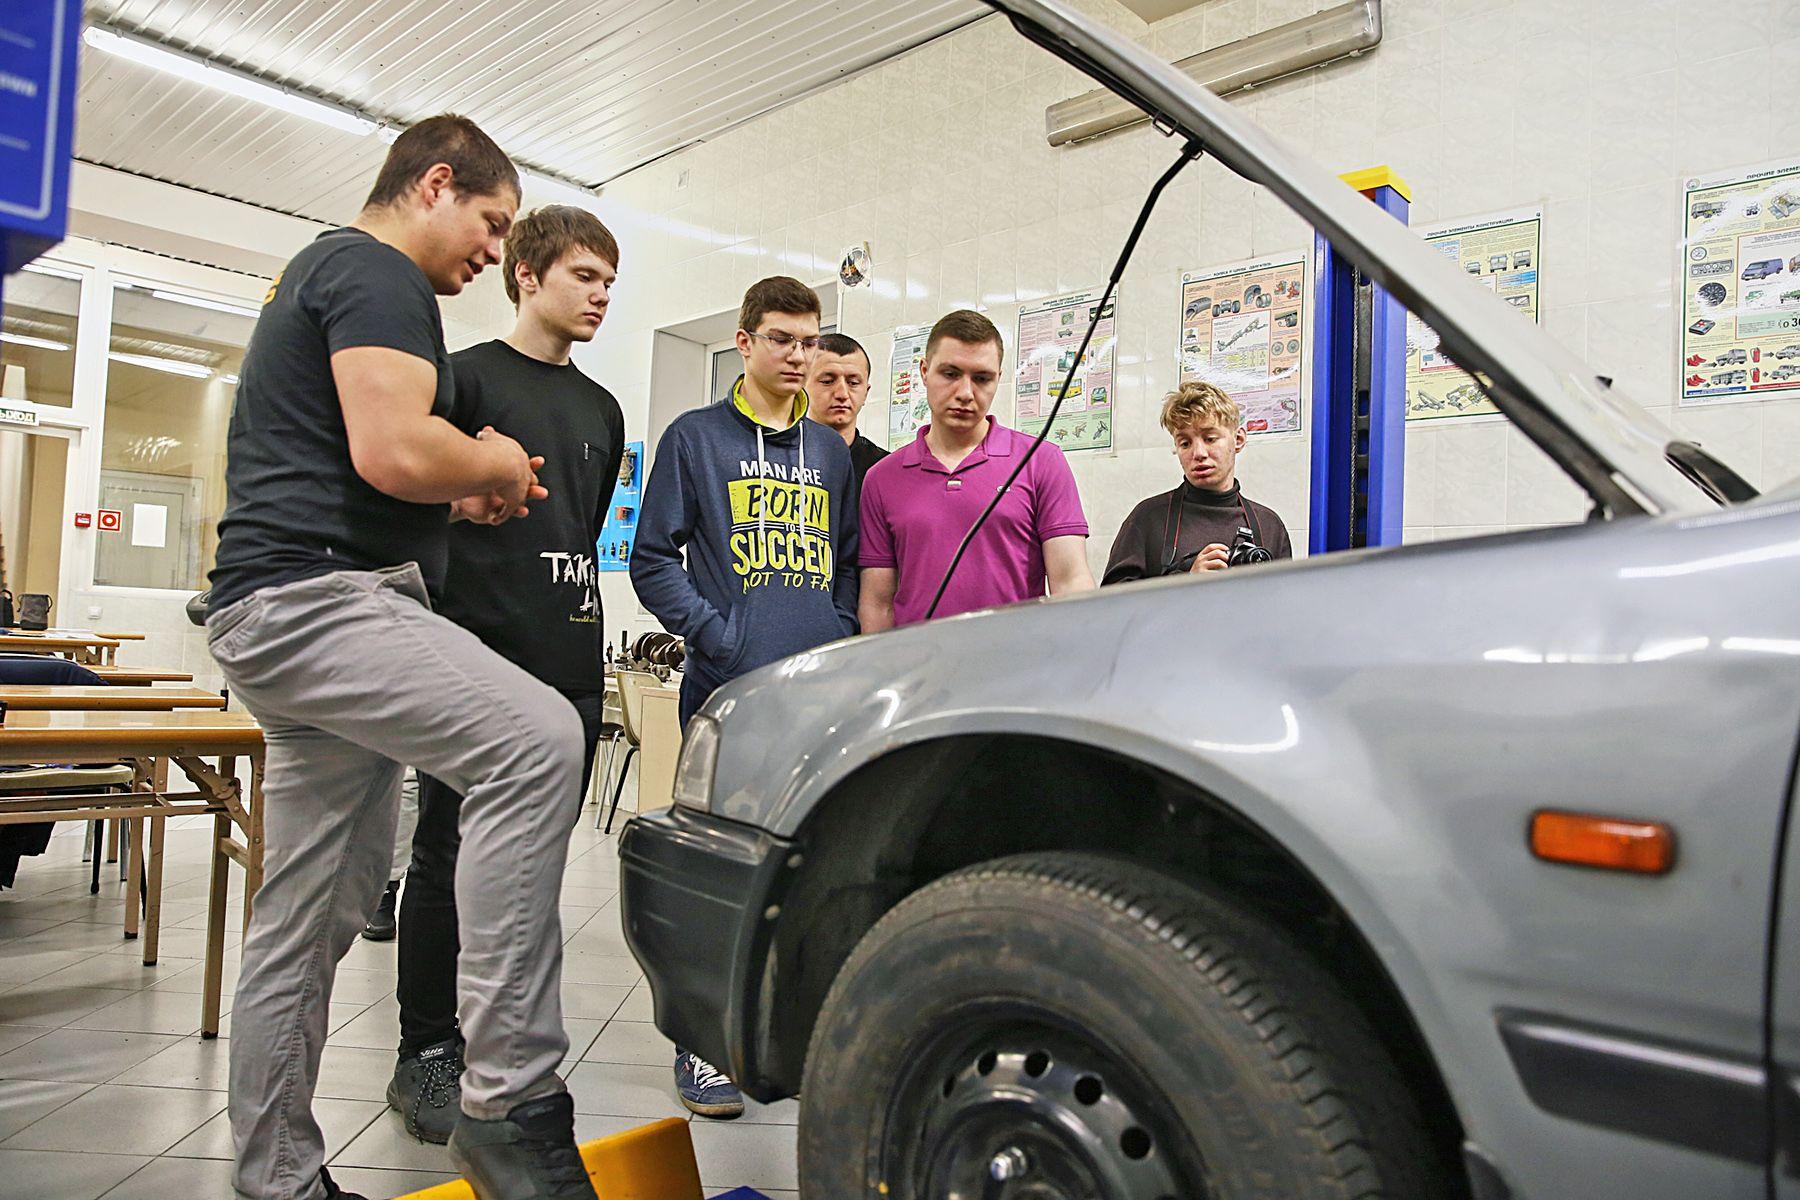 Автомобильные субботы ВГУЭС: старшеклассников Владивостока учат диагностике и техническому контролю транспортных средств